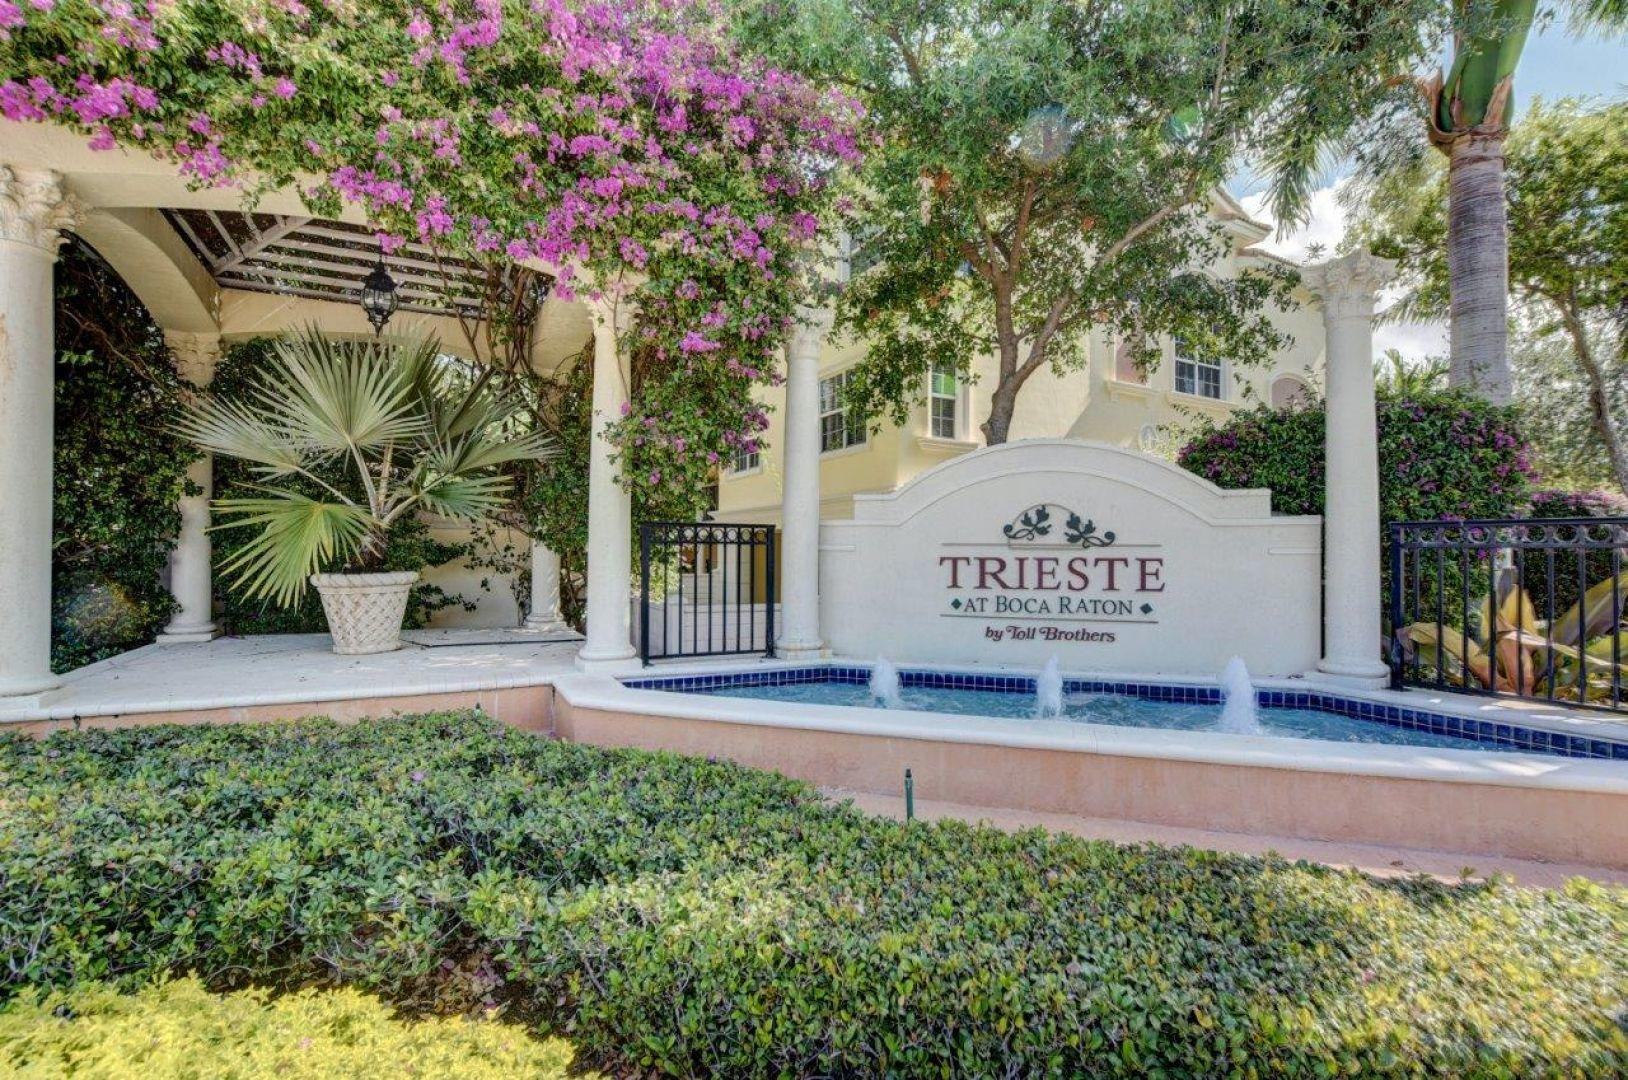 5530 NE Trieste Way - Boca Raton, Florida